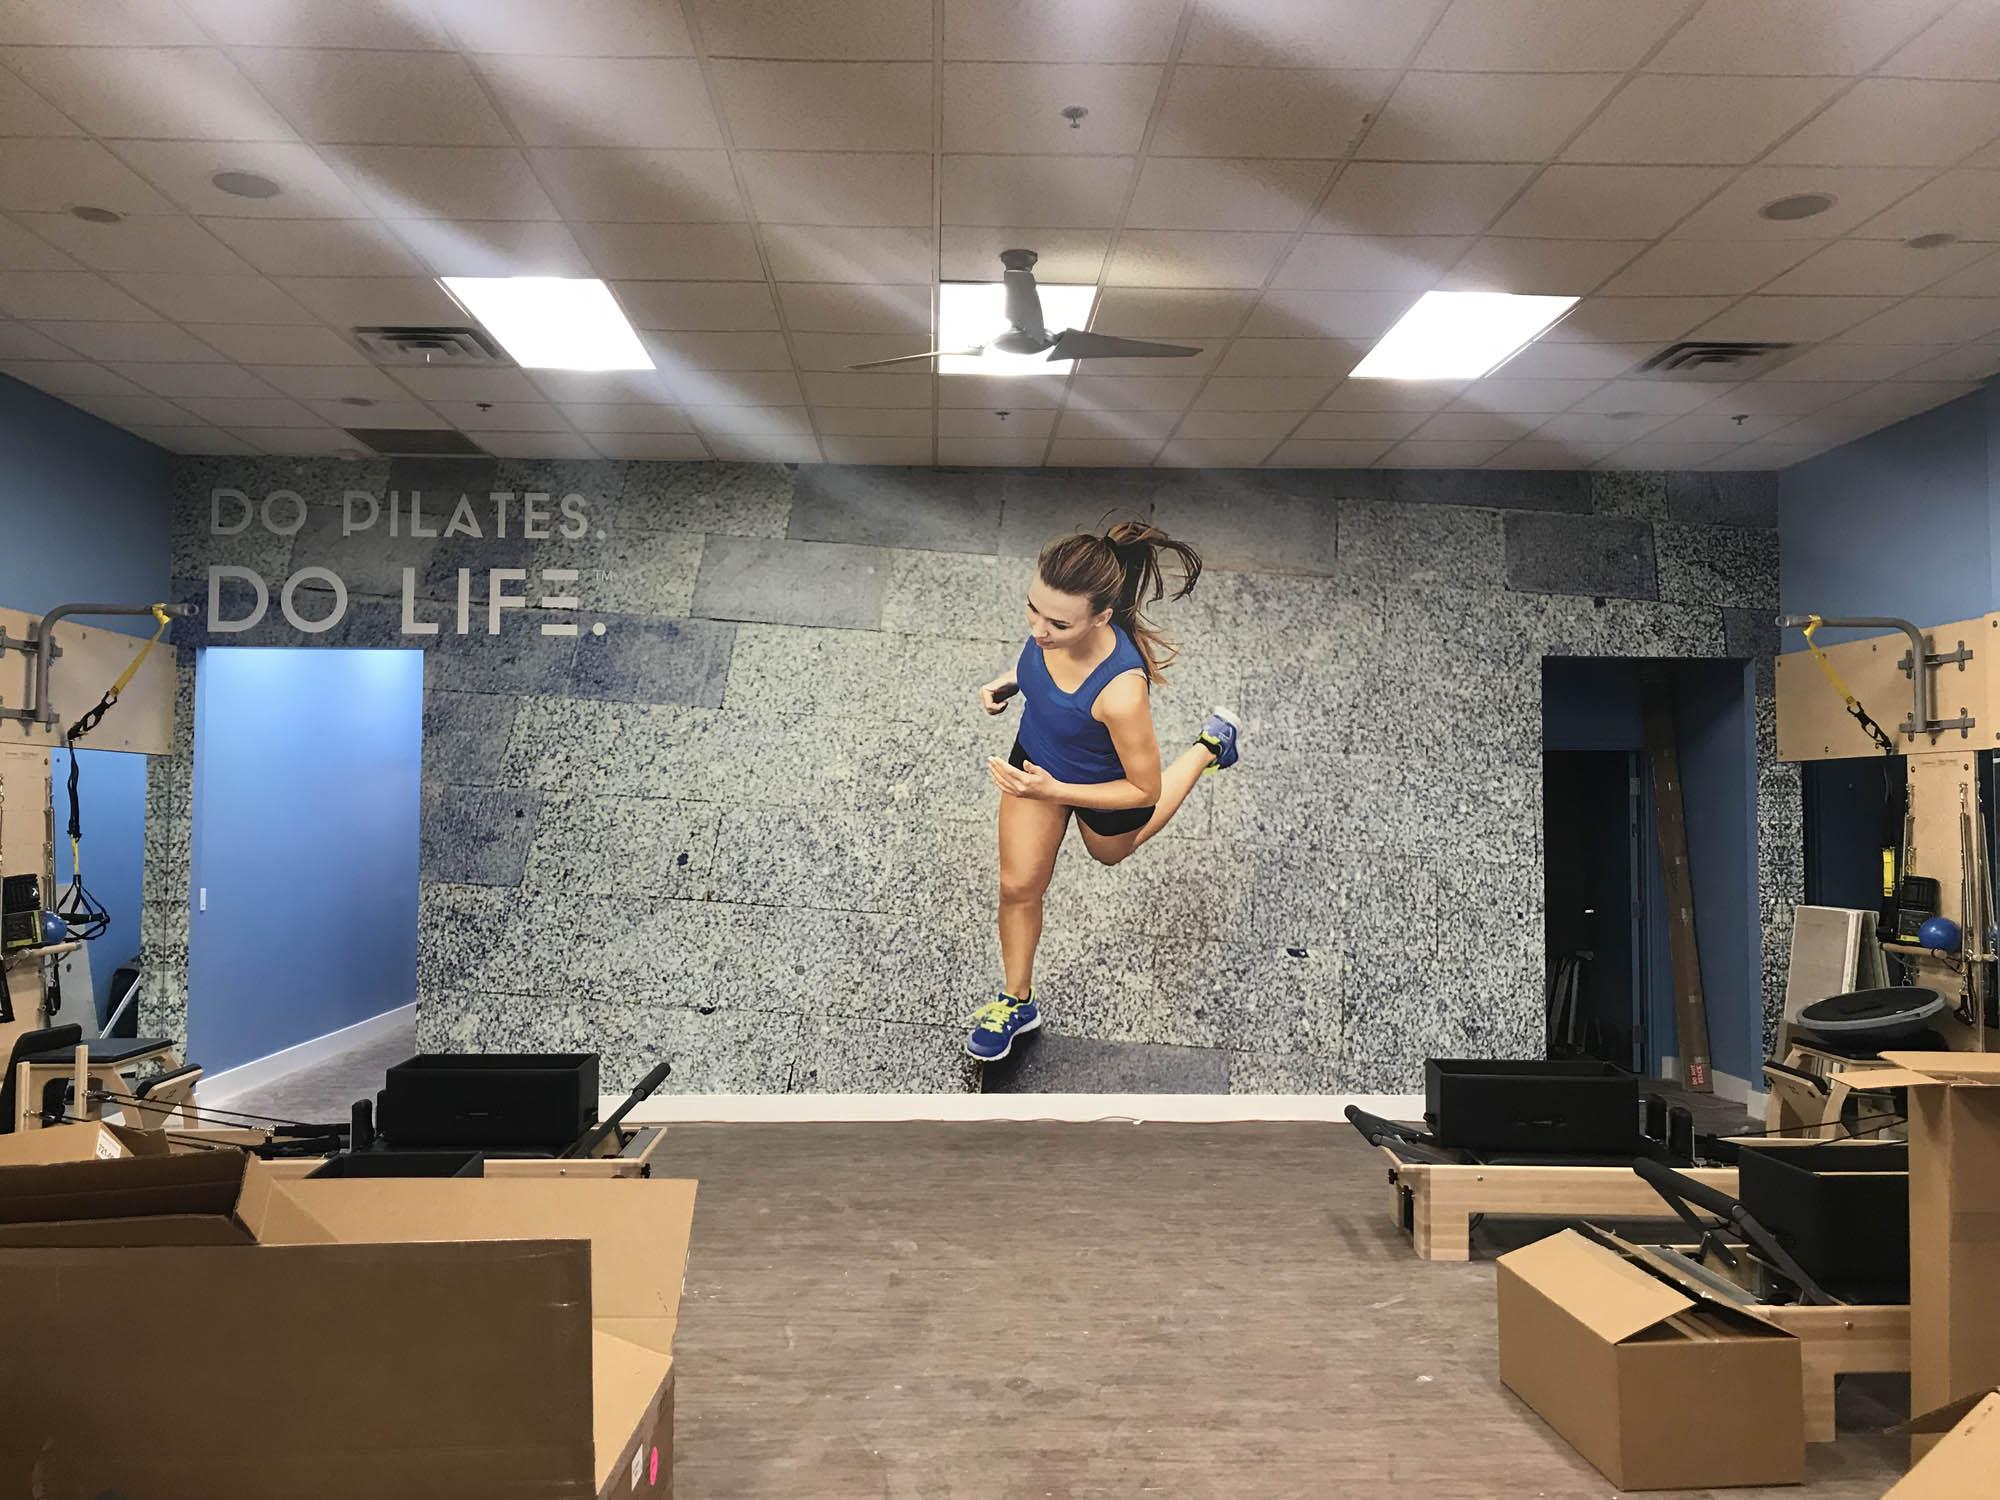 Club Pilates Wall Wraps